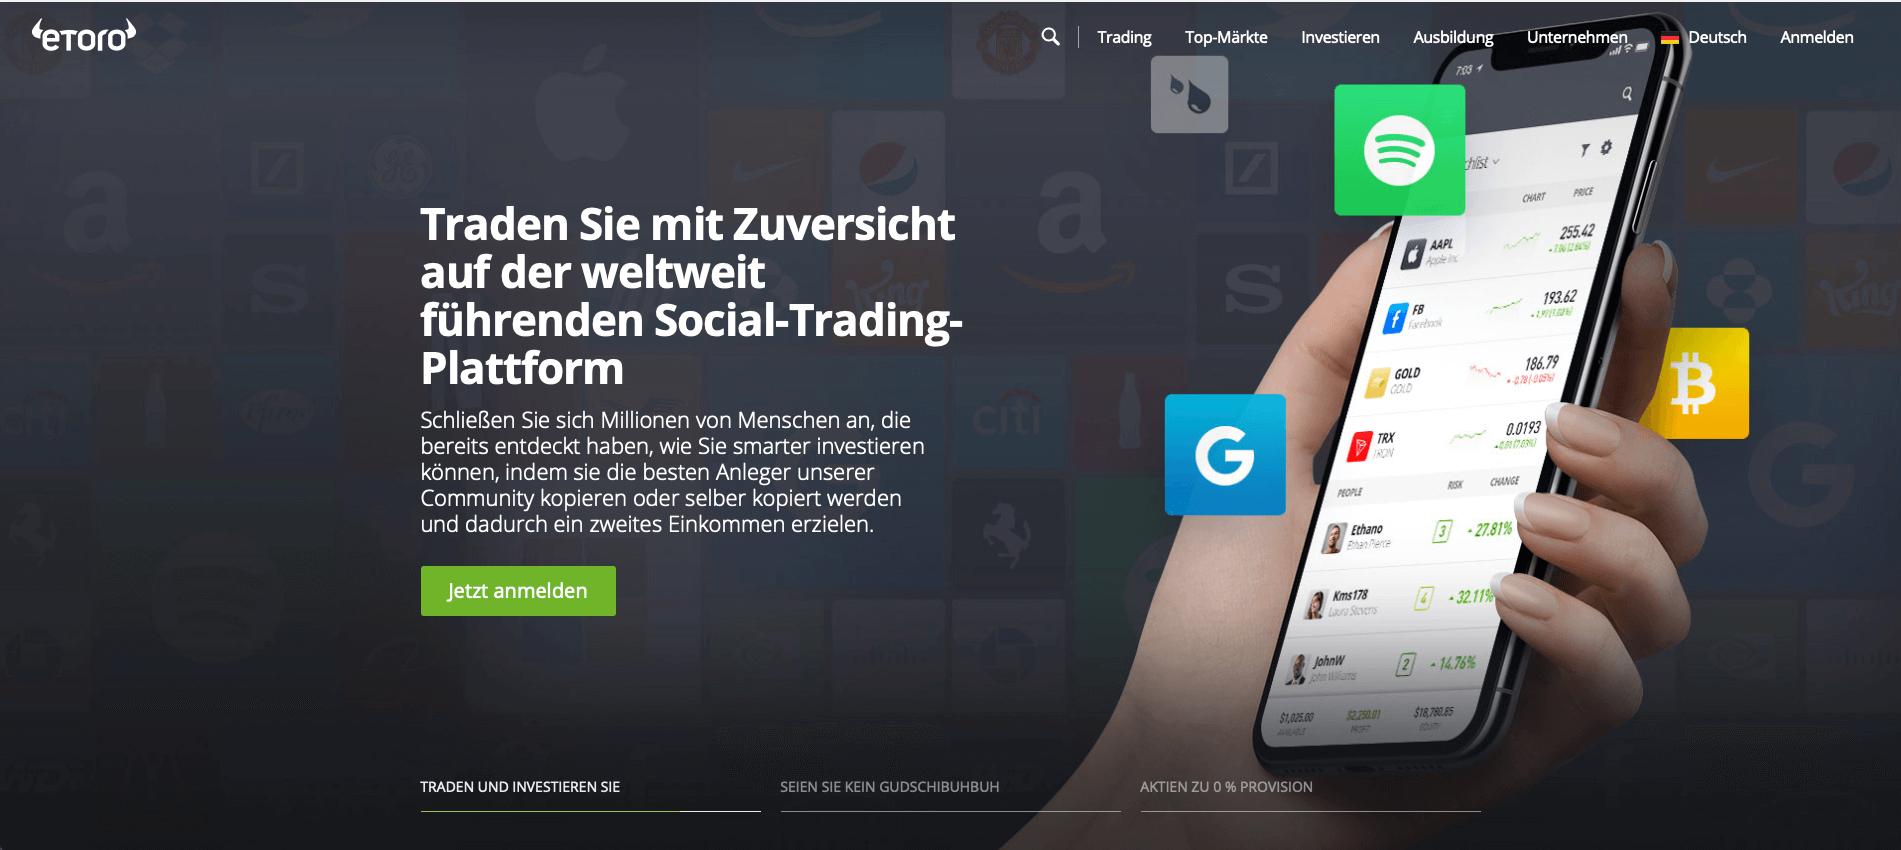 eToro Header - Werbung - Aktien